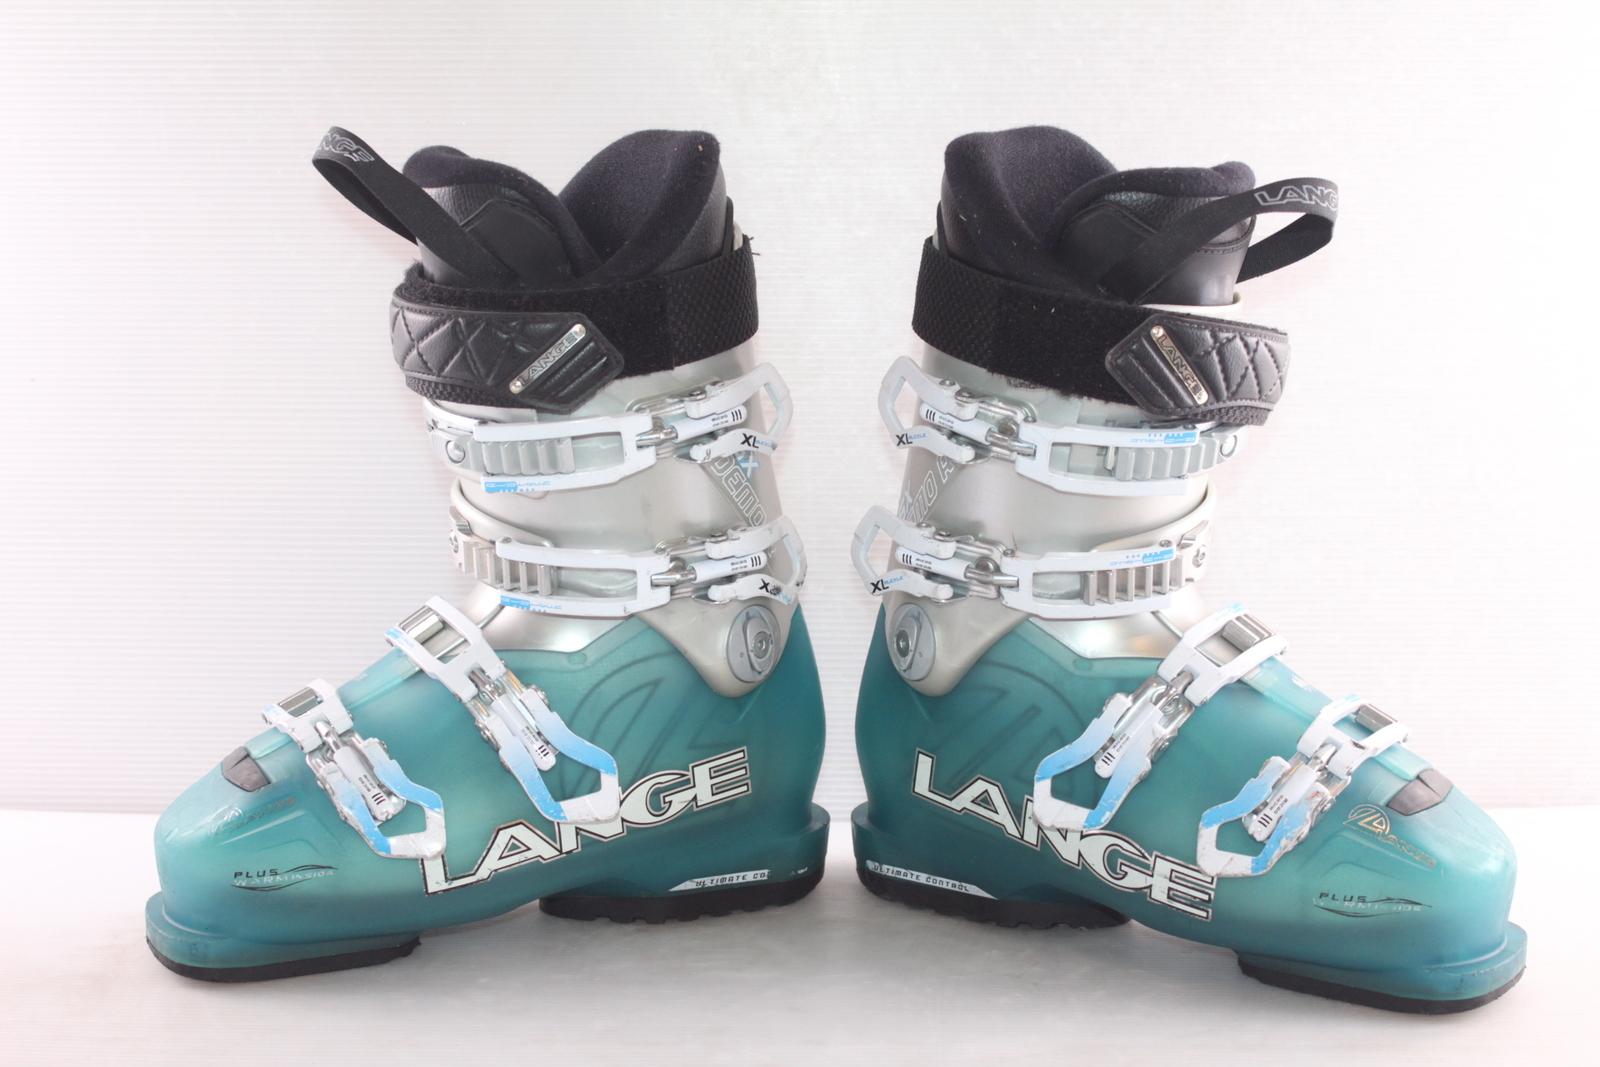 Dámské lyžáky Lange SX Demo R vel. EU36 flexe 80